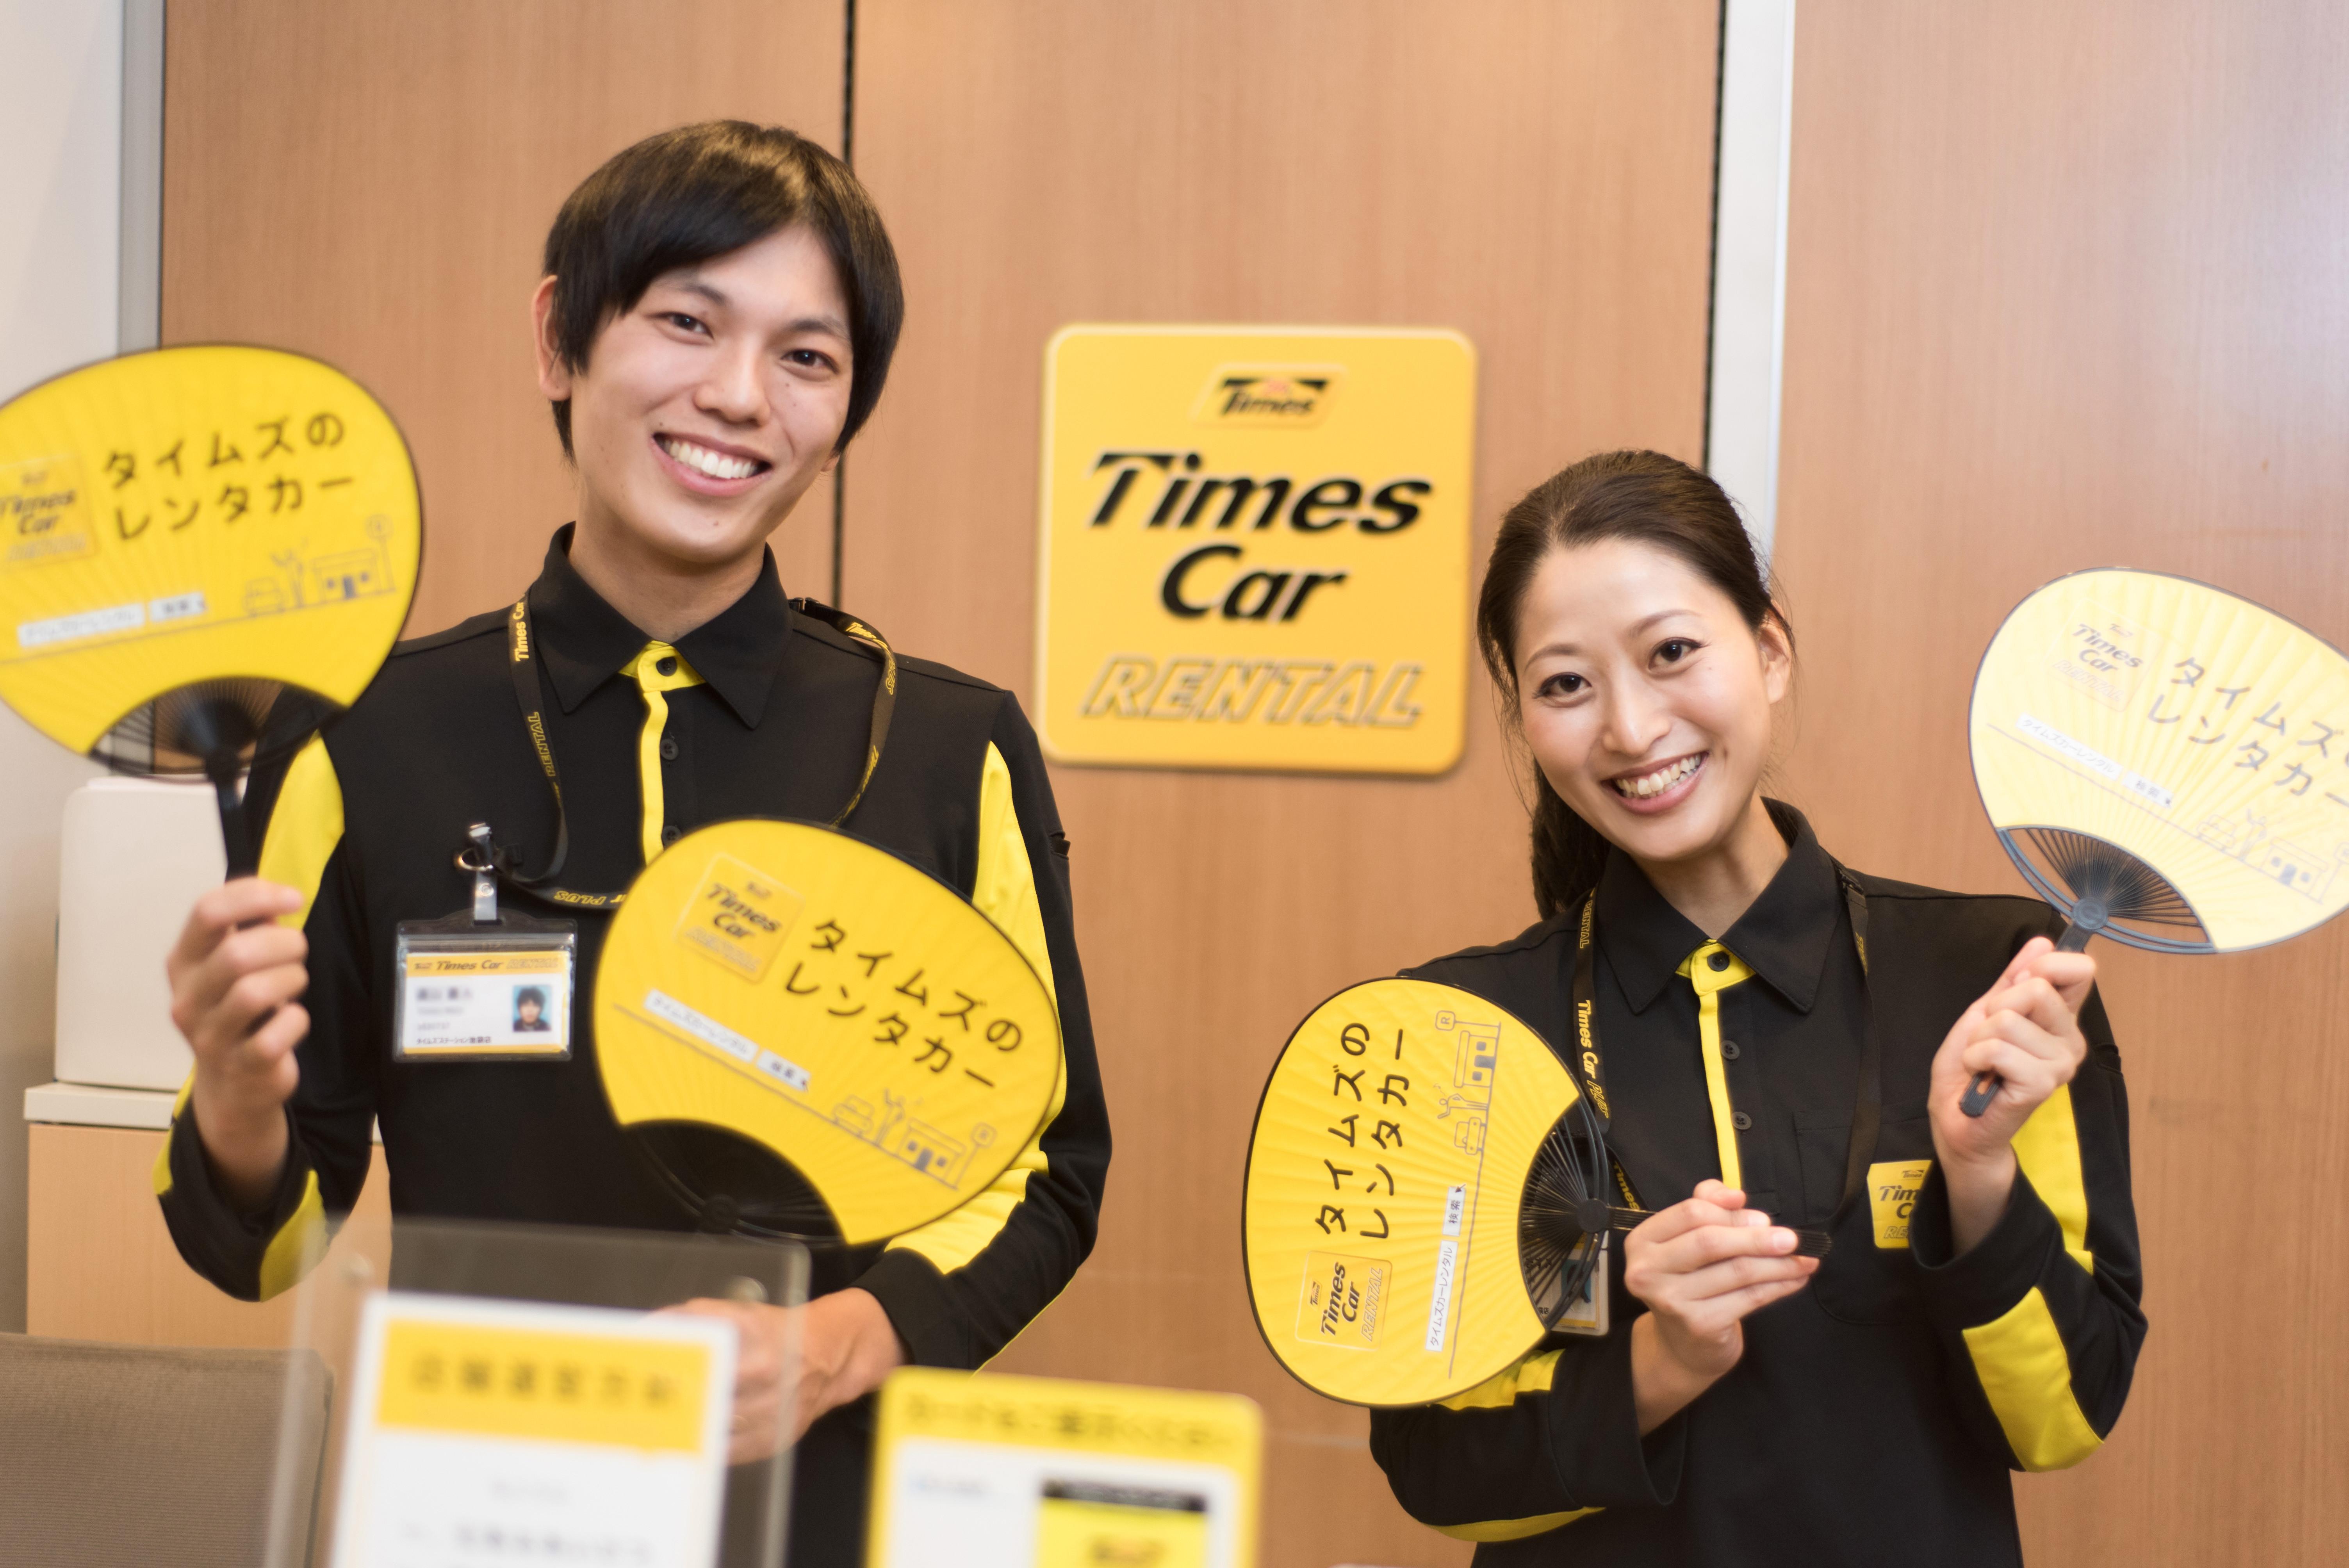 タイムズカーレンタル 秋田駅東口店 のアルバイト情報